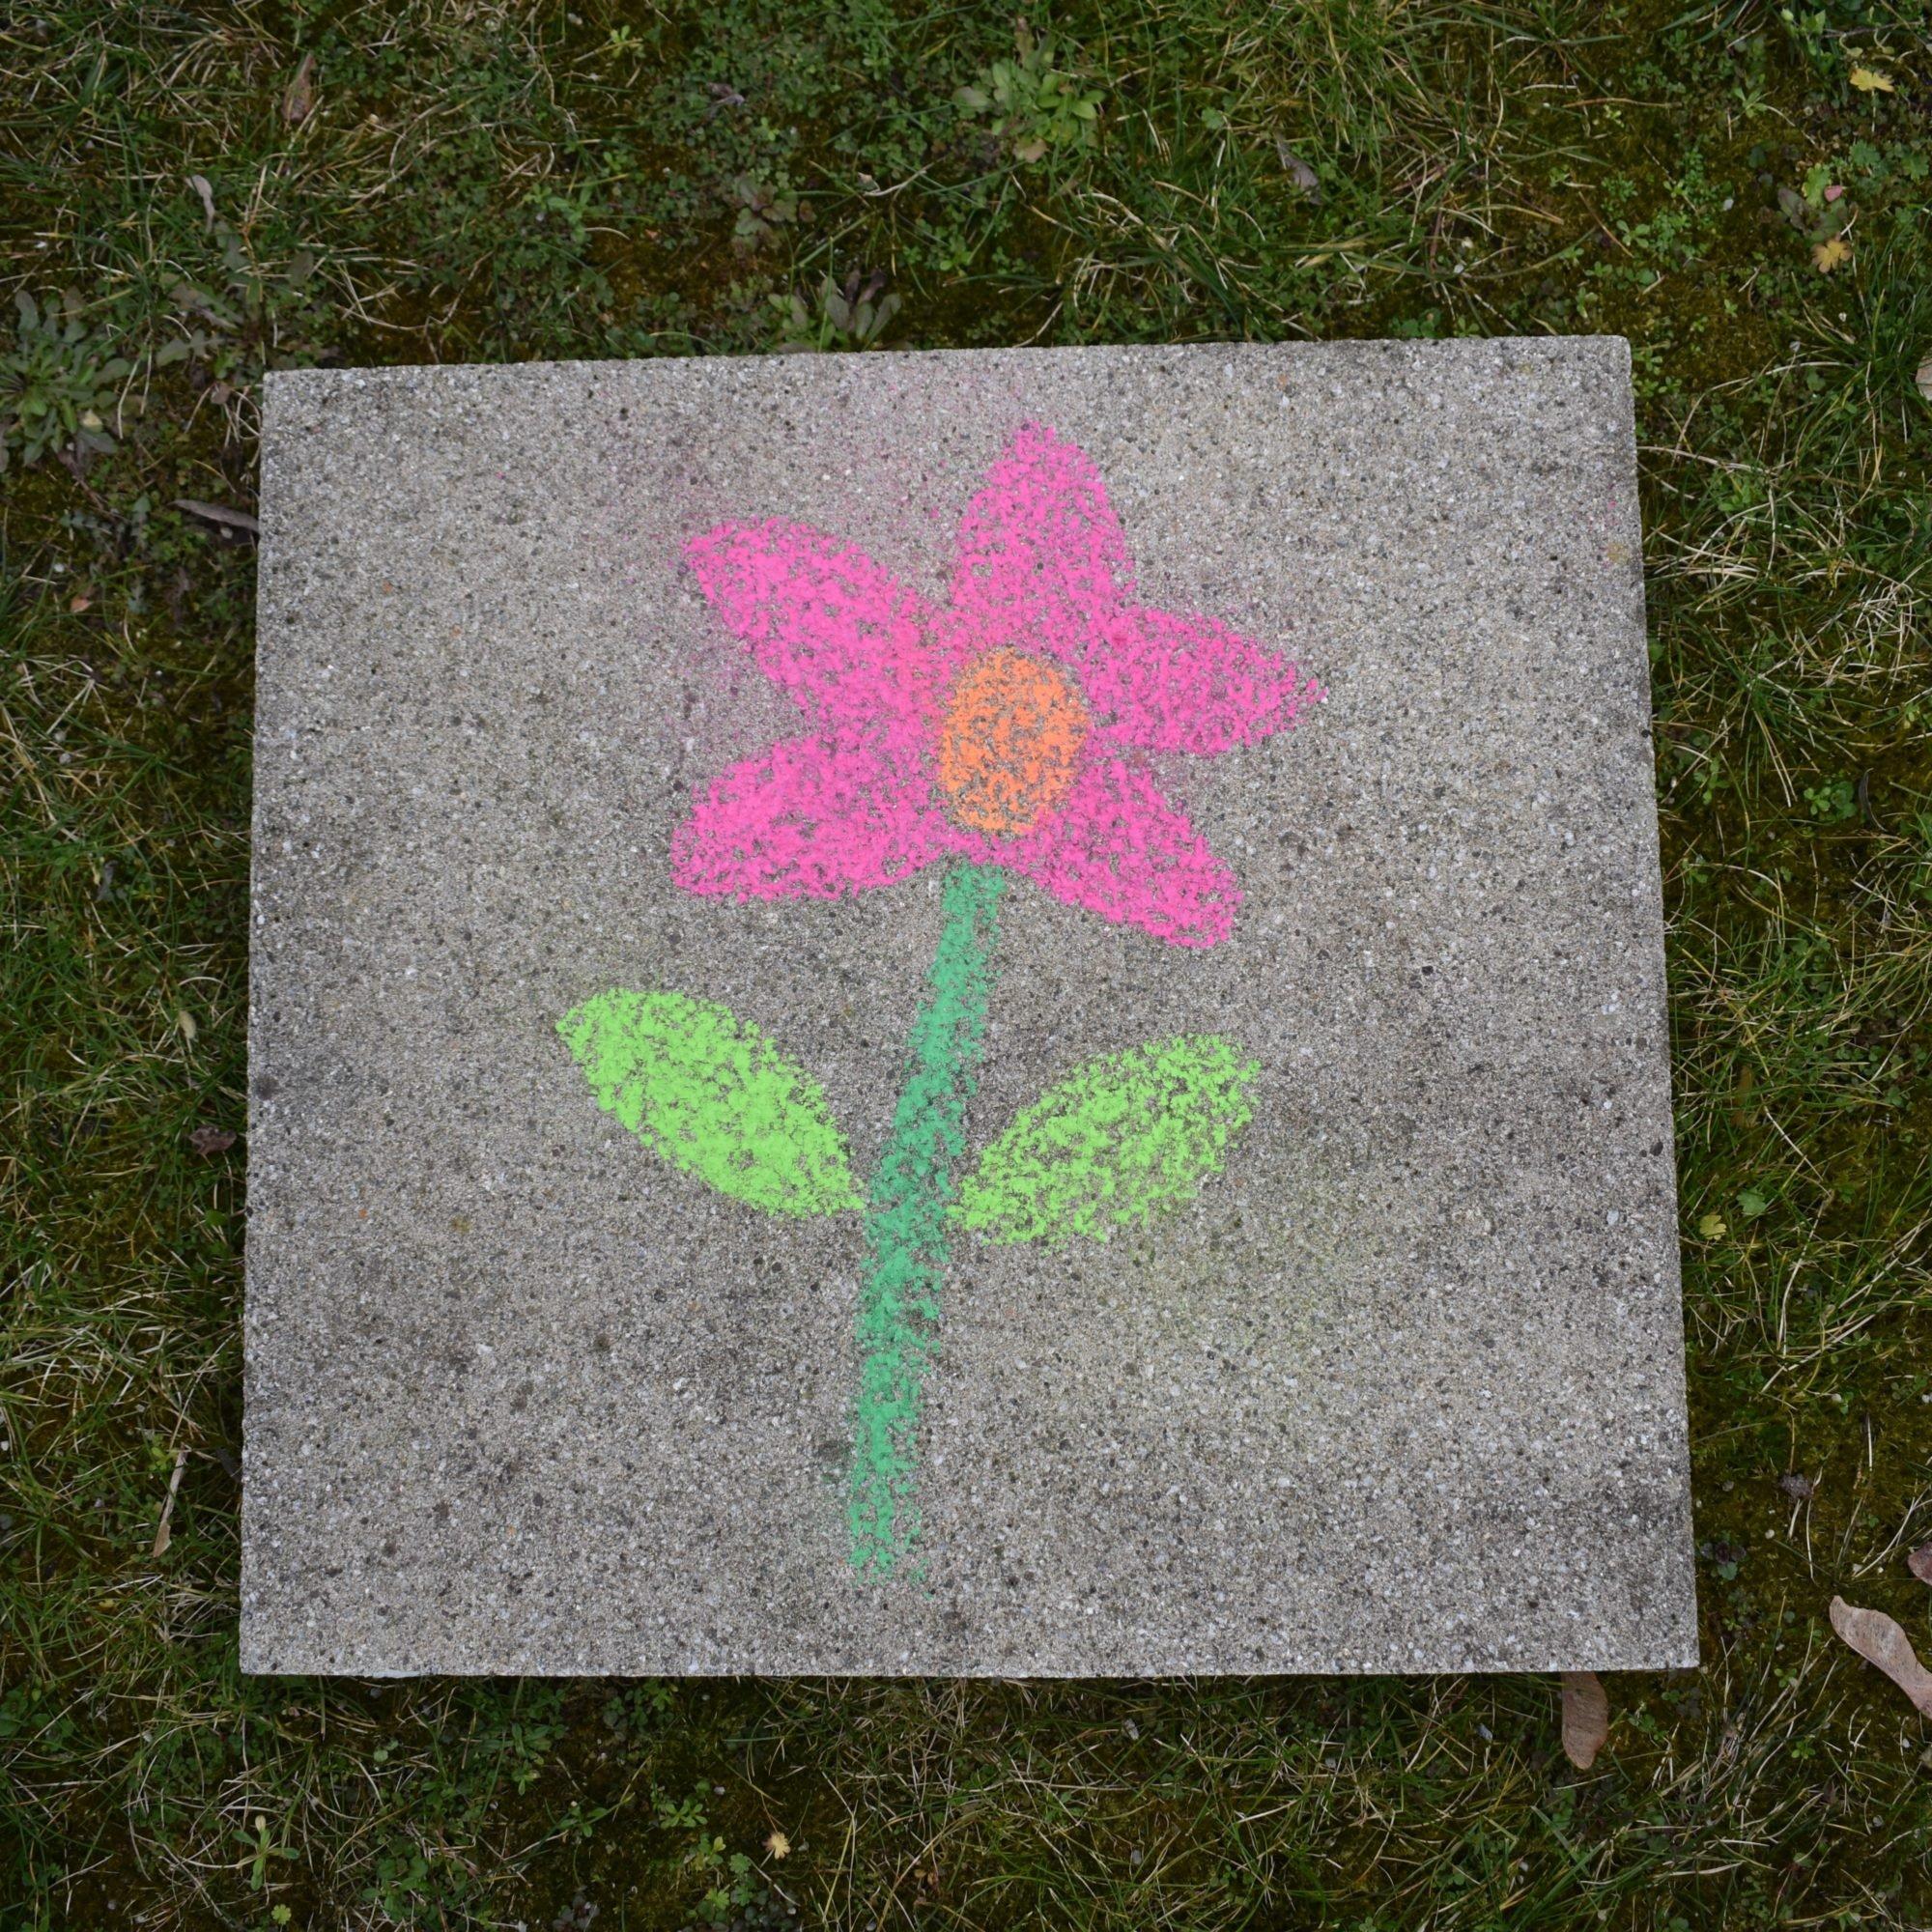 Eine Kreidezeichnung einer bunten Blume mit rosa Blütenauf einer Steinfliese.